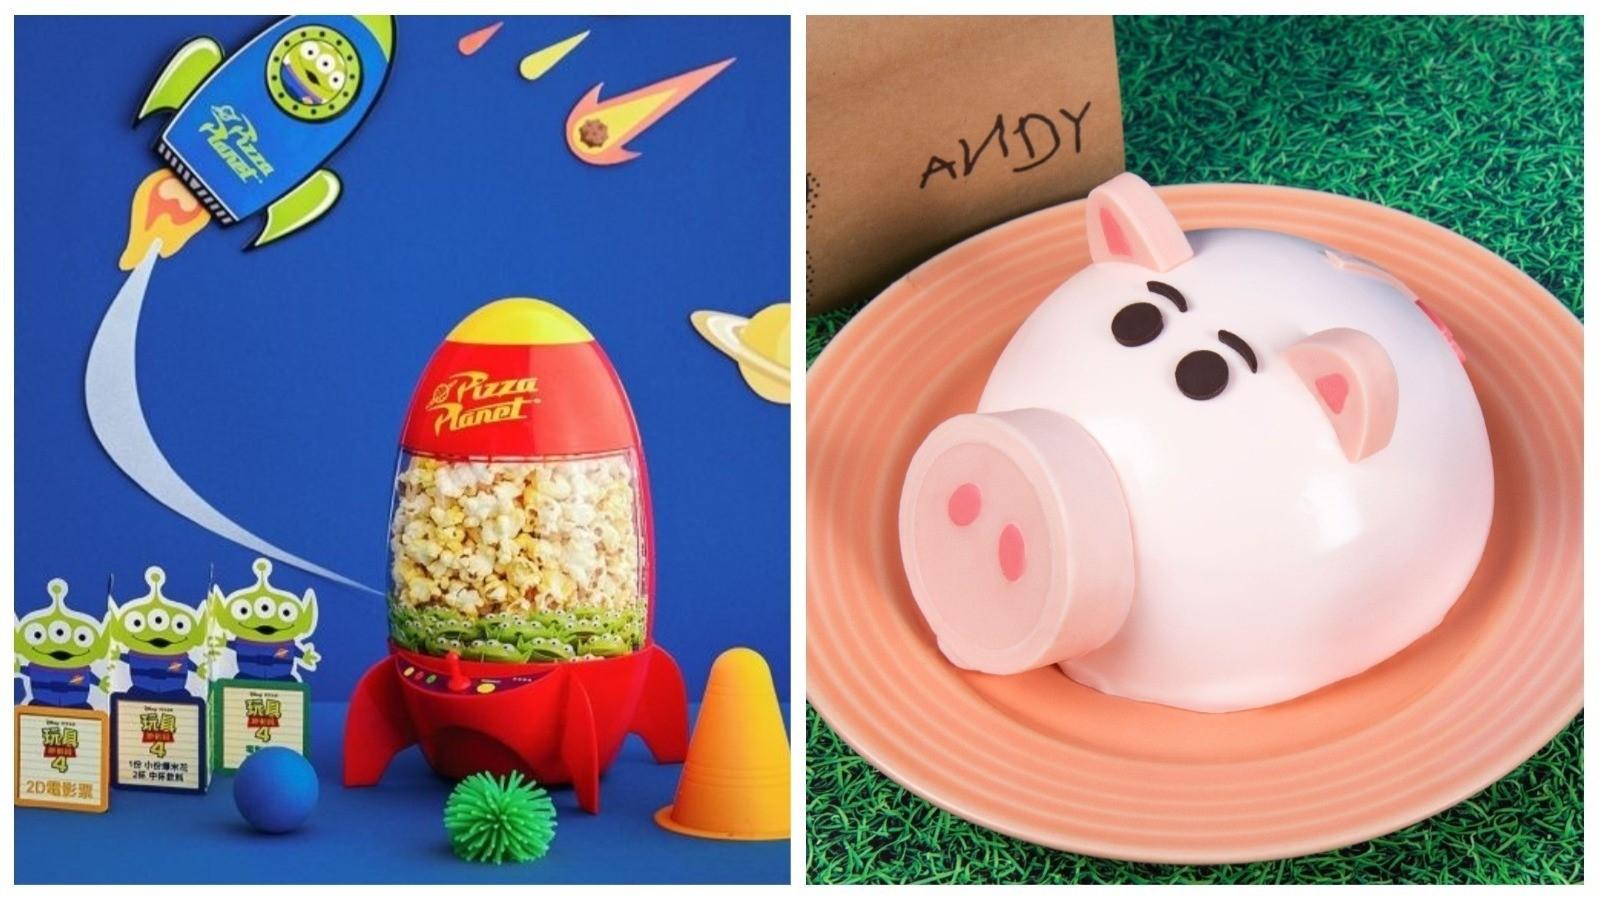 《玩具總動員》粉絲看過來!從三眼怪火箭爆米花桶到火腿豬蛋糕一